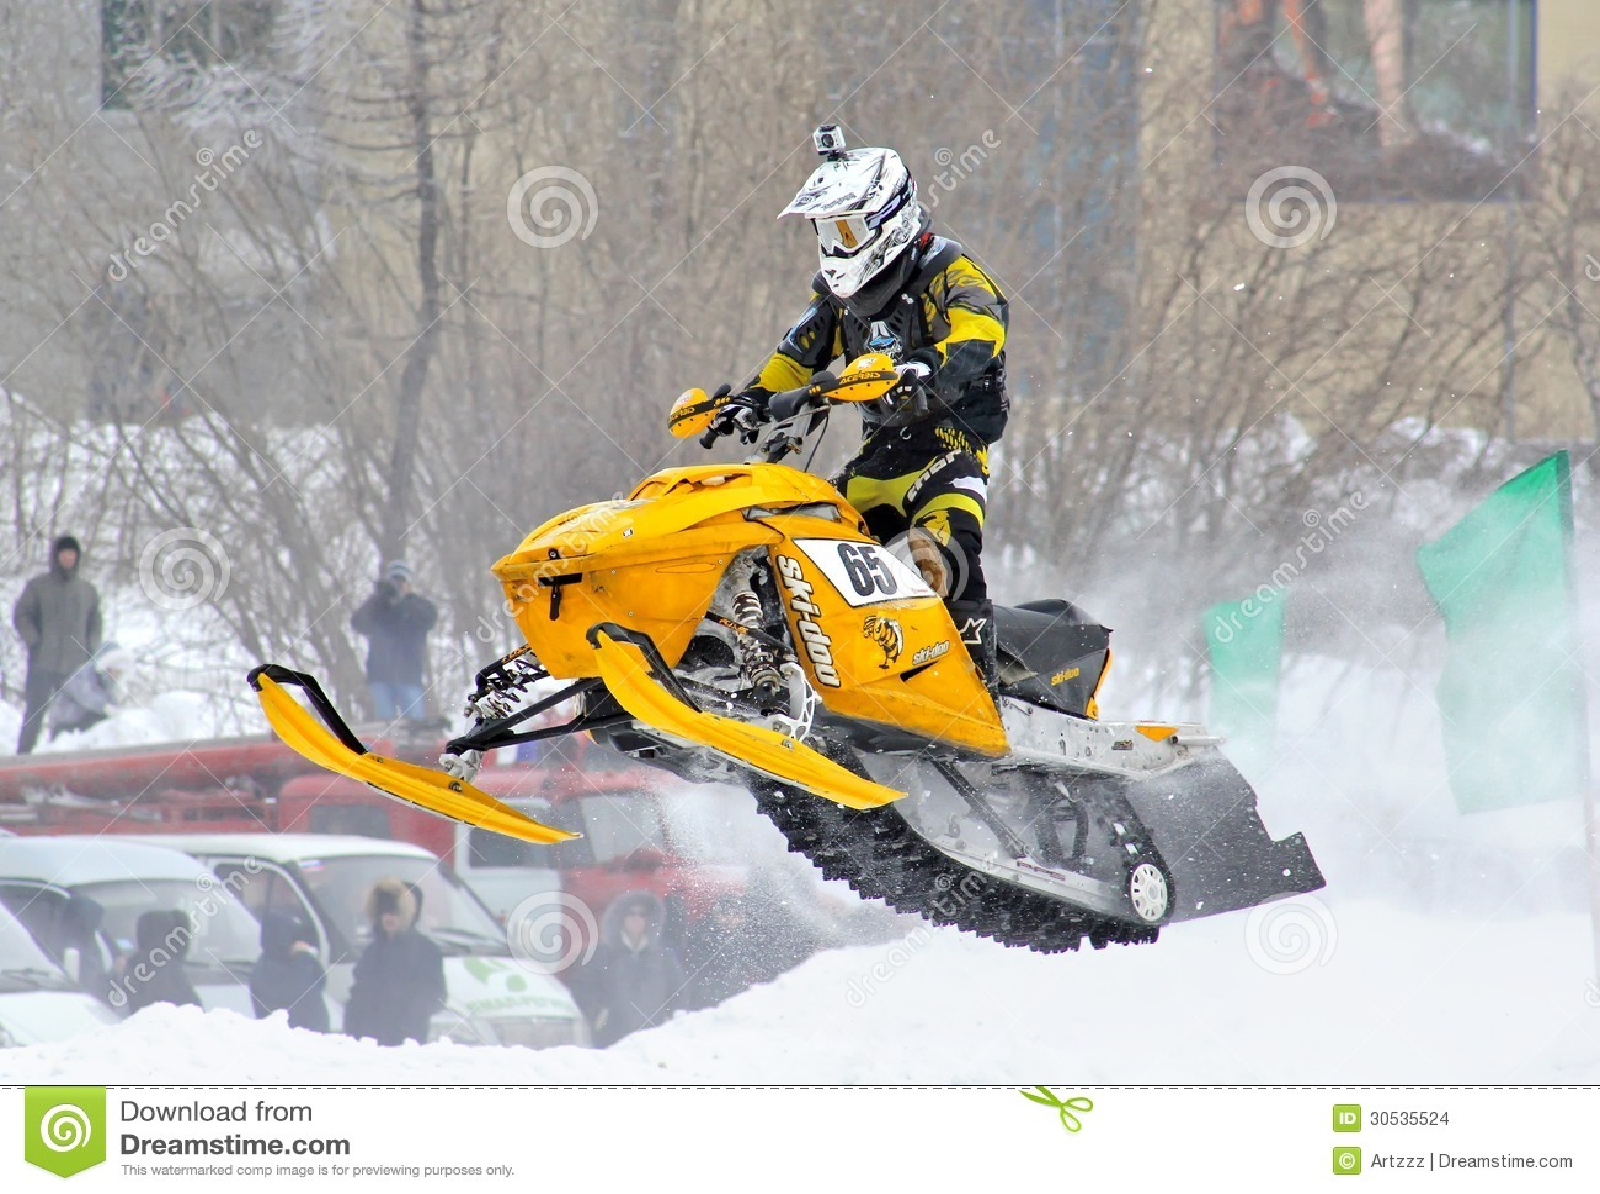 nouveau style 6e0b8 27969 Snowcross 2013, Novyy Urengoy Editorial Stock Image - Image ...